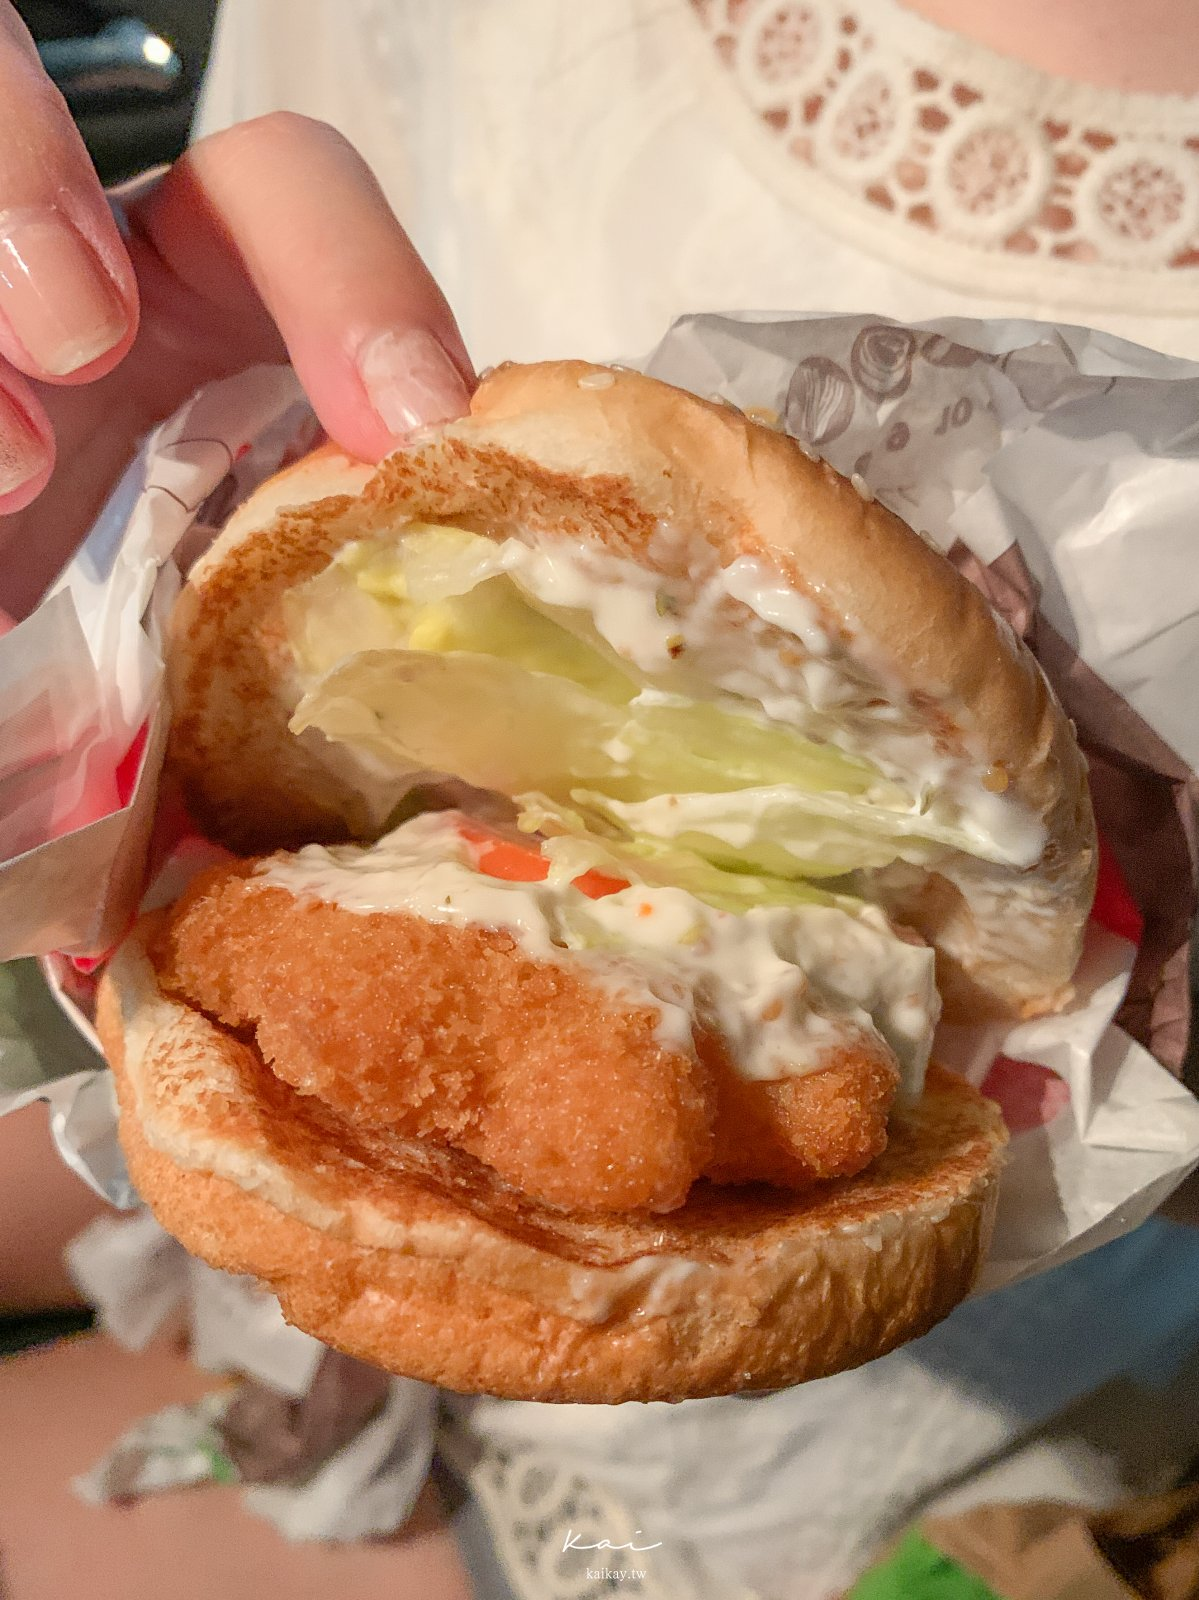 ☆【美食】漢堡王「Q彈海老堡」蝦堡開箱!漢堡王怎麼永遠都在優惠?